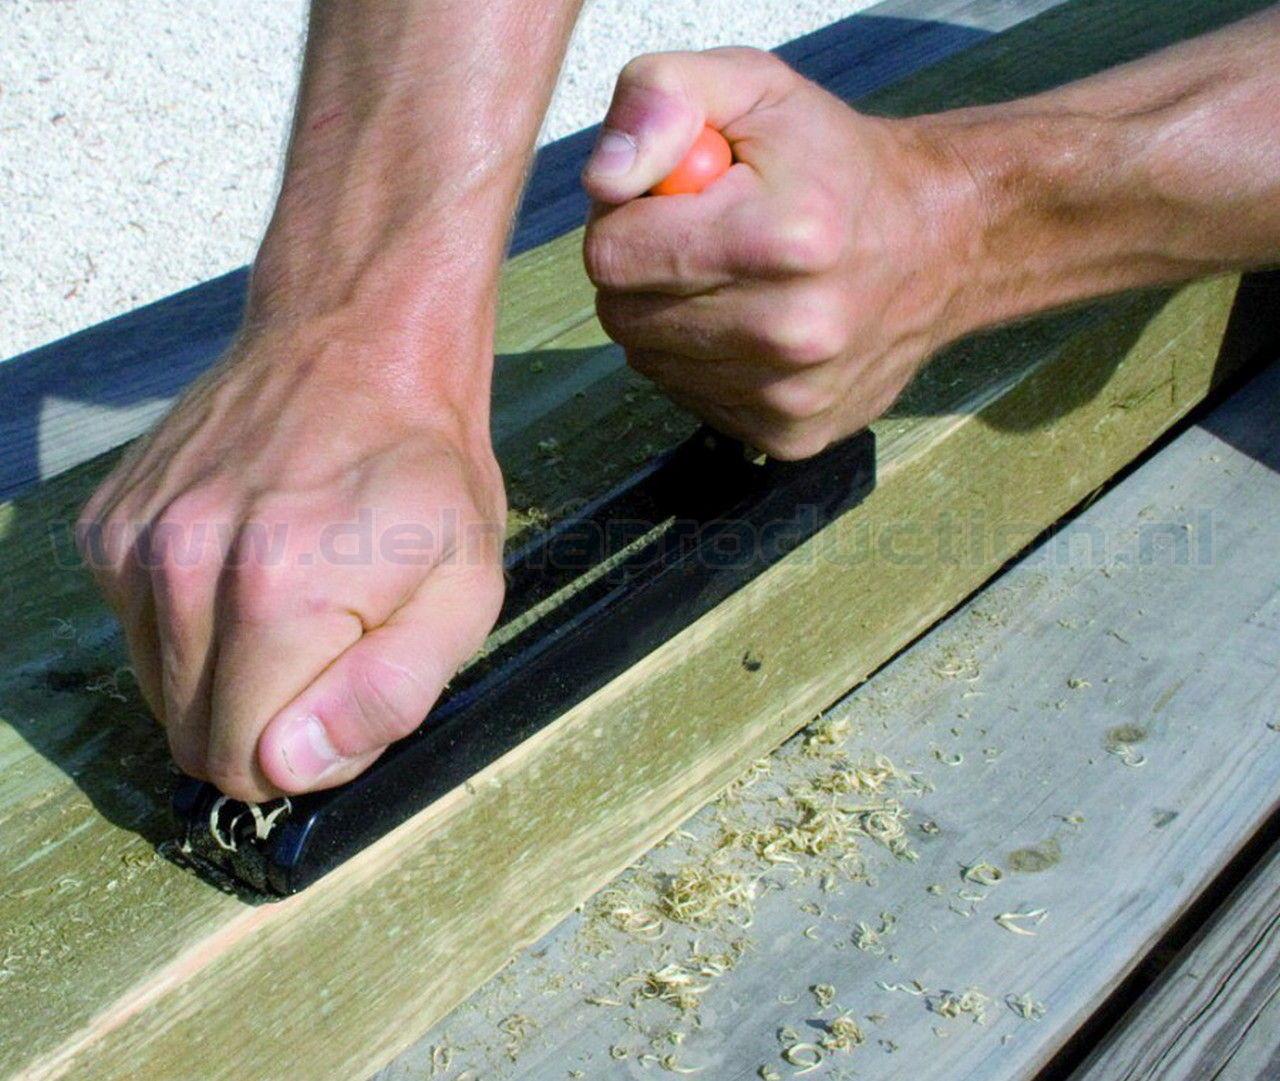 Gipsplaten en hout rasp Afmeting rasp:  200 x 40 mm. met verstelbare handgreep. (3)